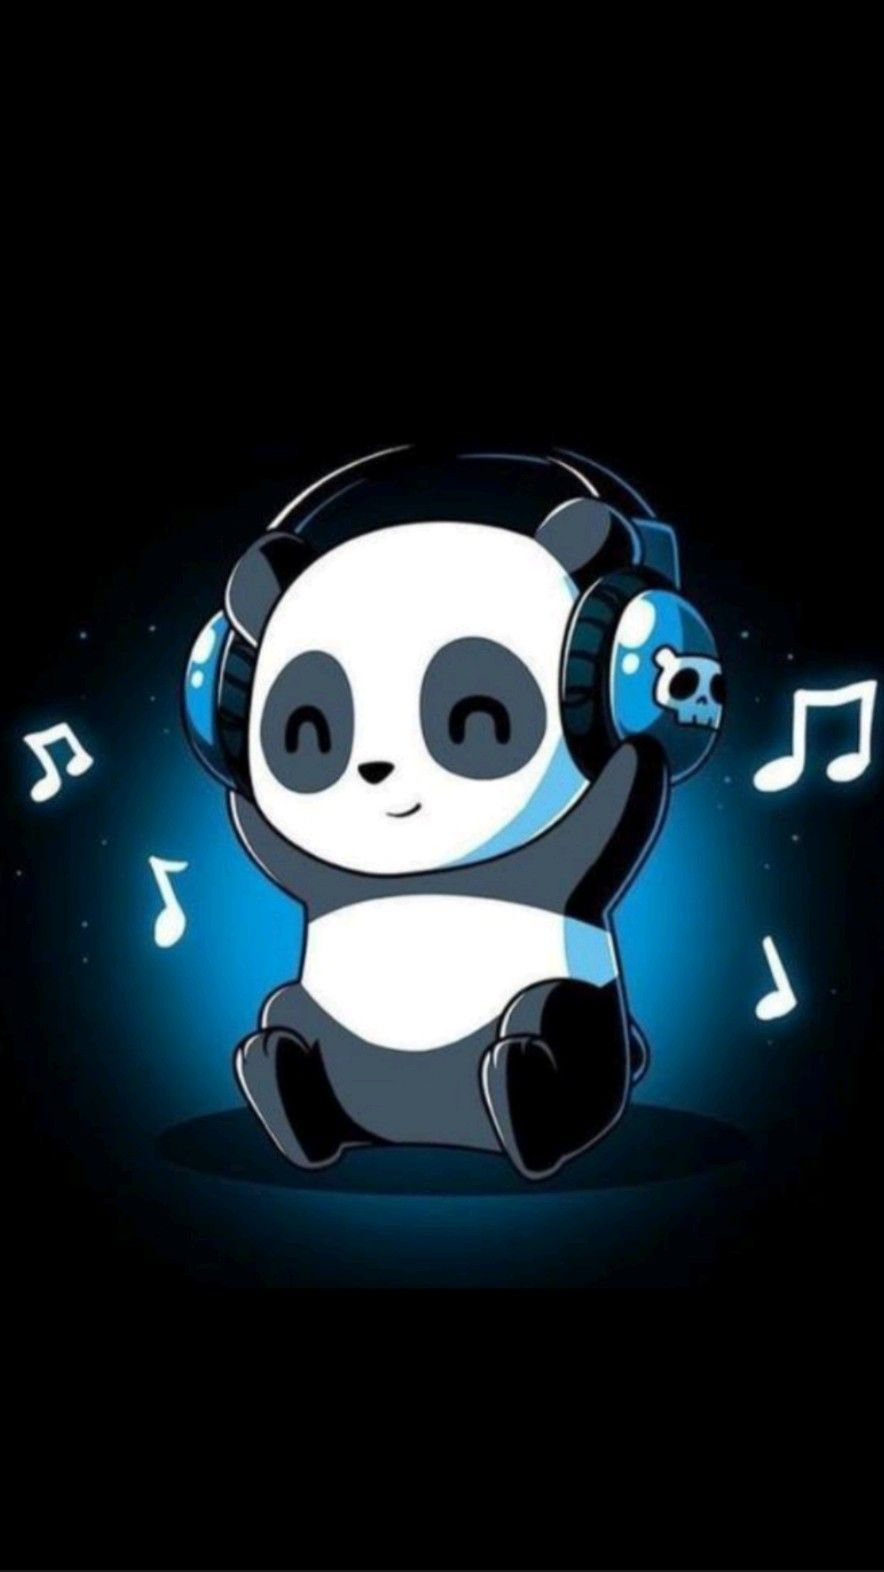 for music lovers #music #feel #follow #pinterest